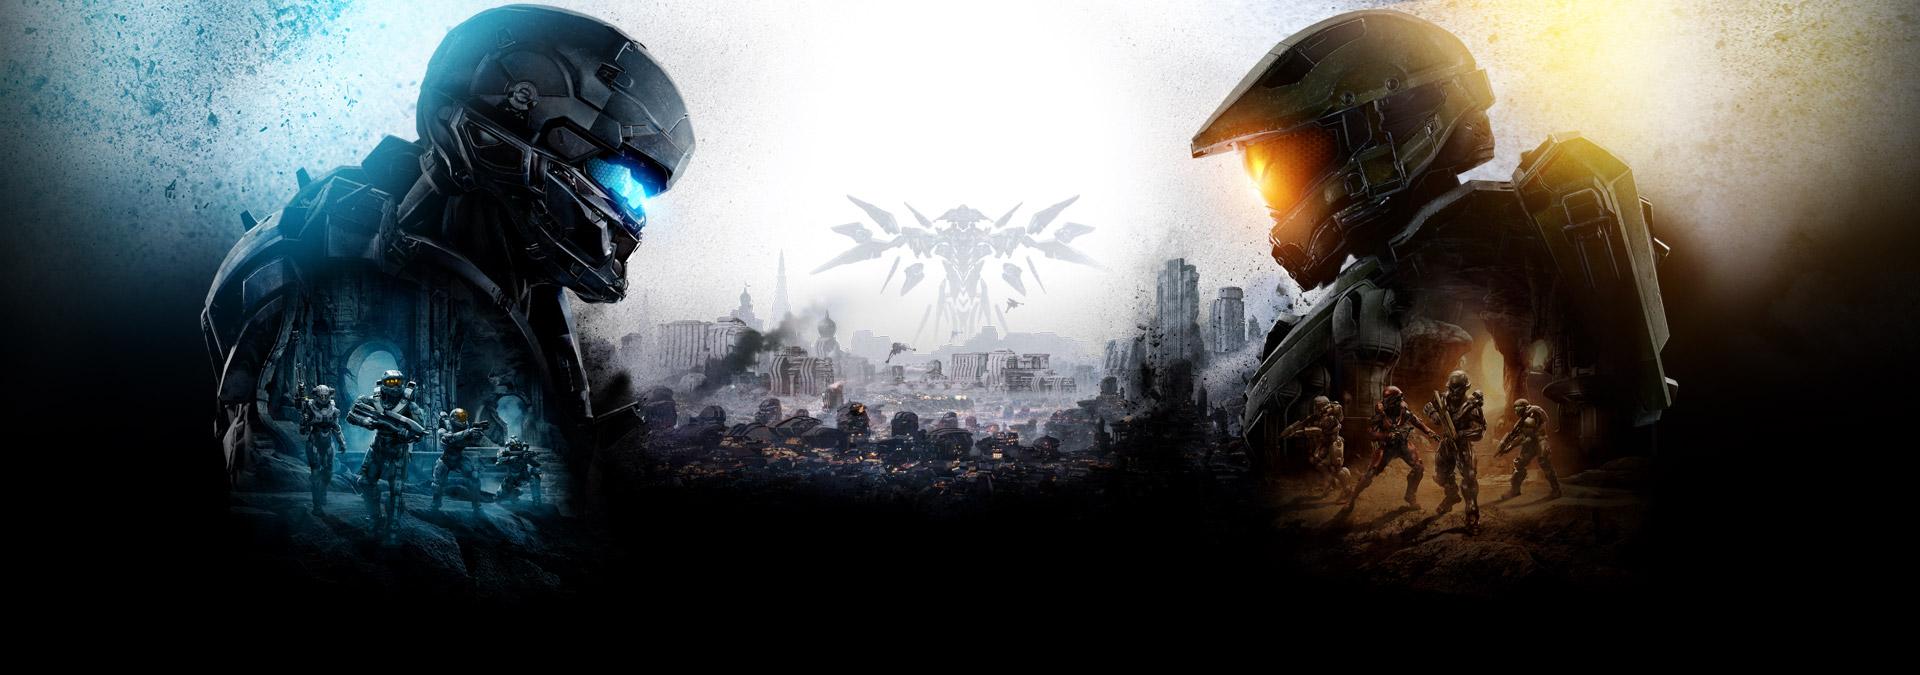 Microsoft acredita que esse pode ser o melhor ano para games desde 2007